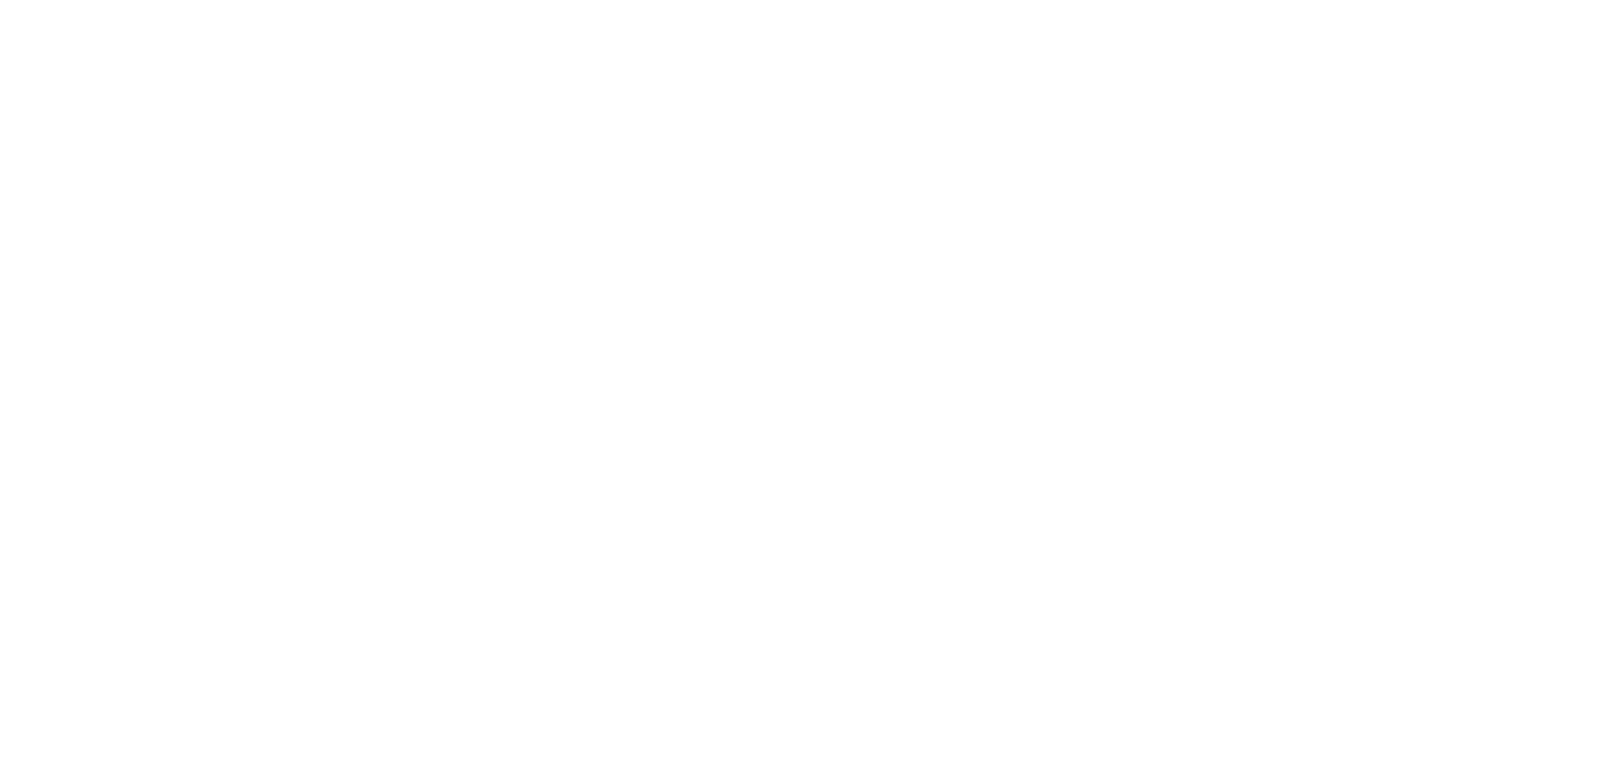 瀏覽 外出按摩師照片的 button png